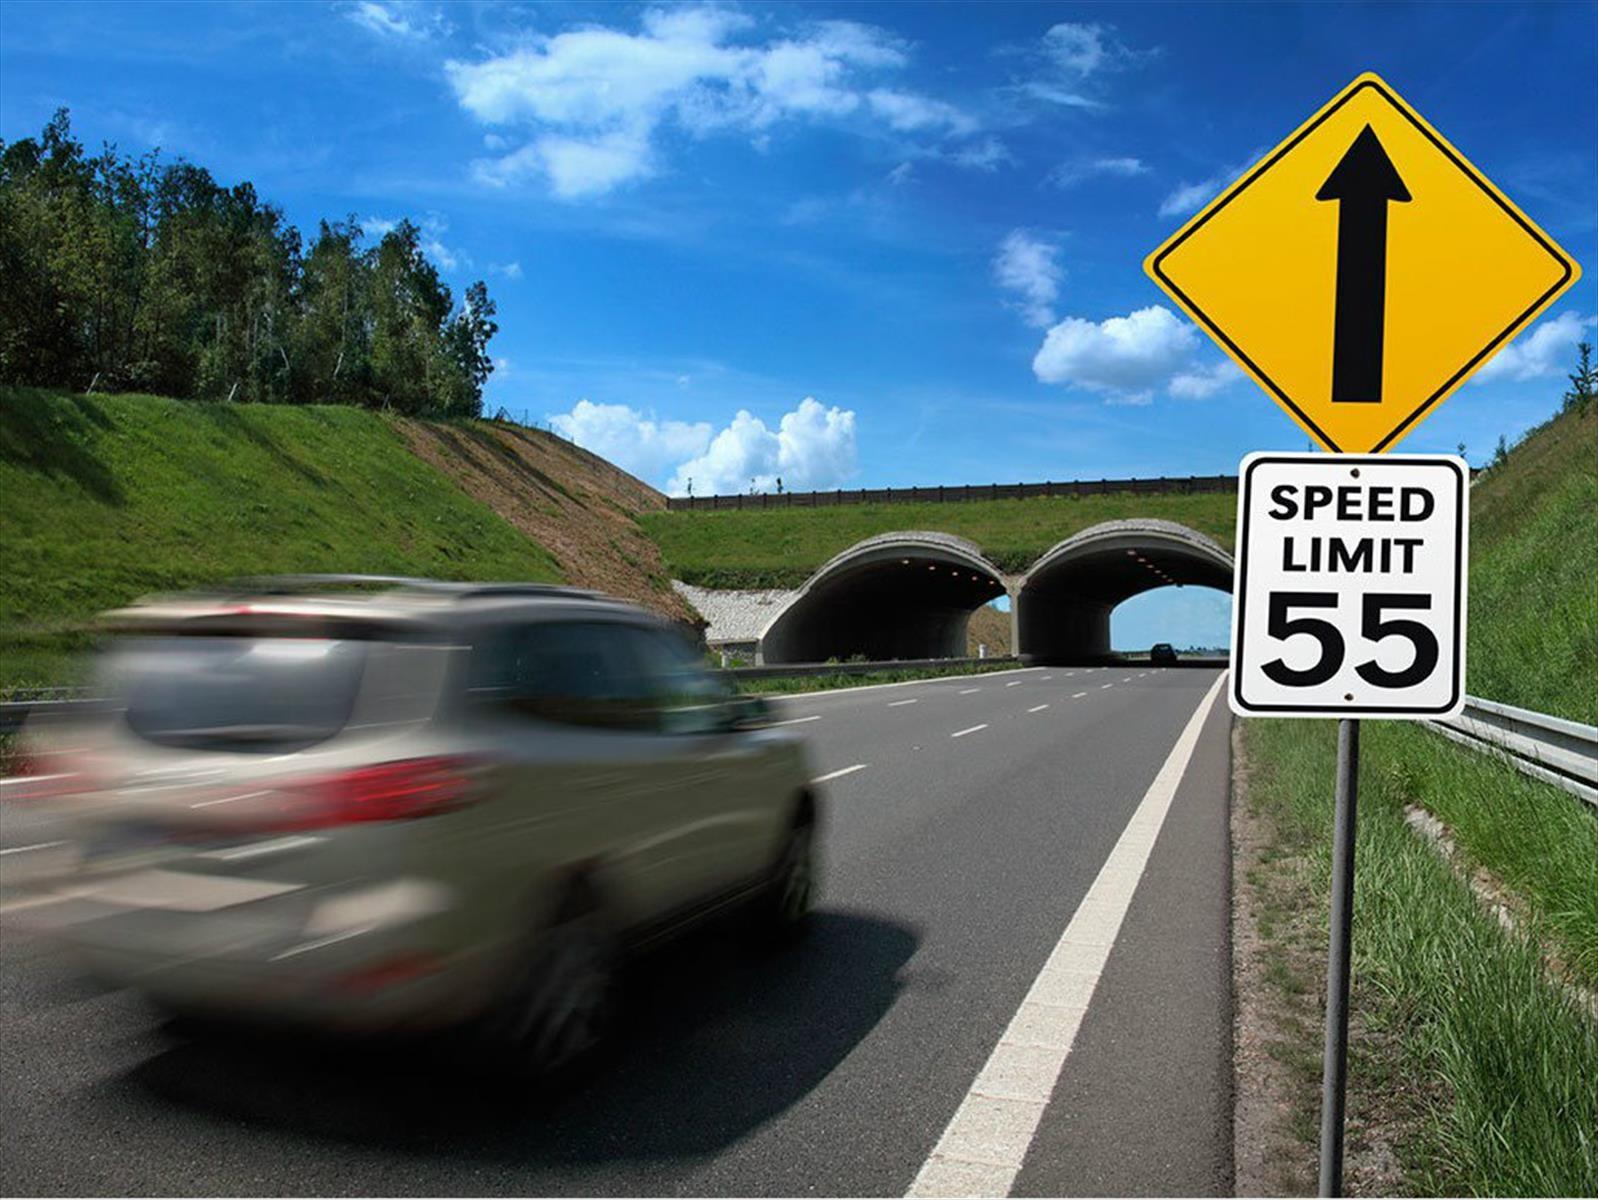 ¿Por qué es peligroso manejar con exceso de velocidad?